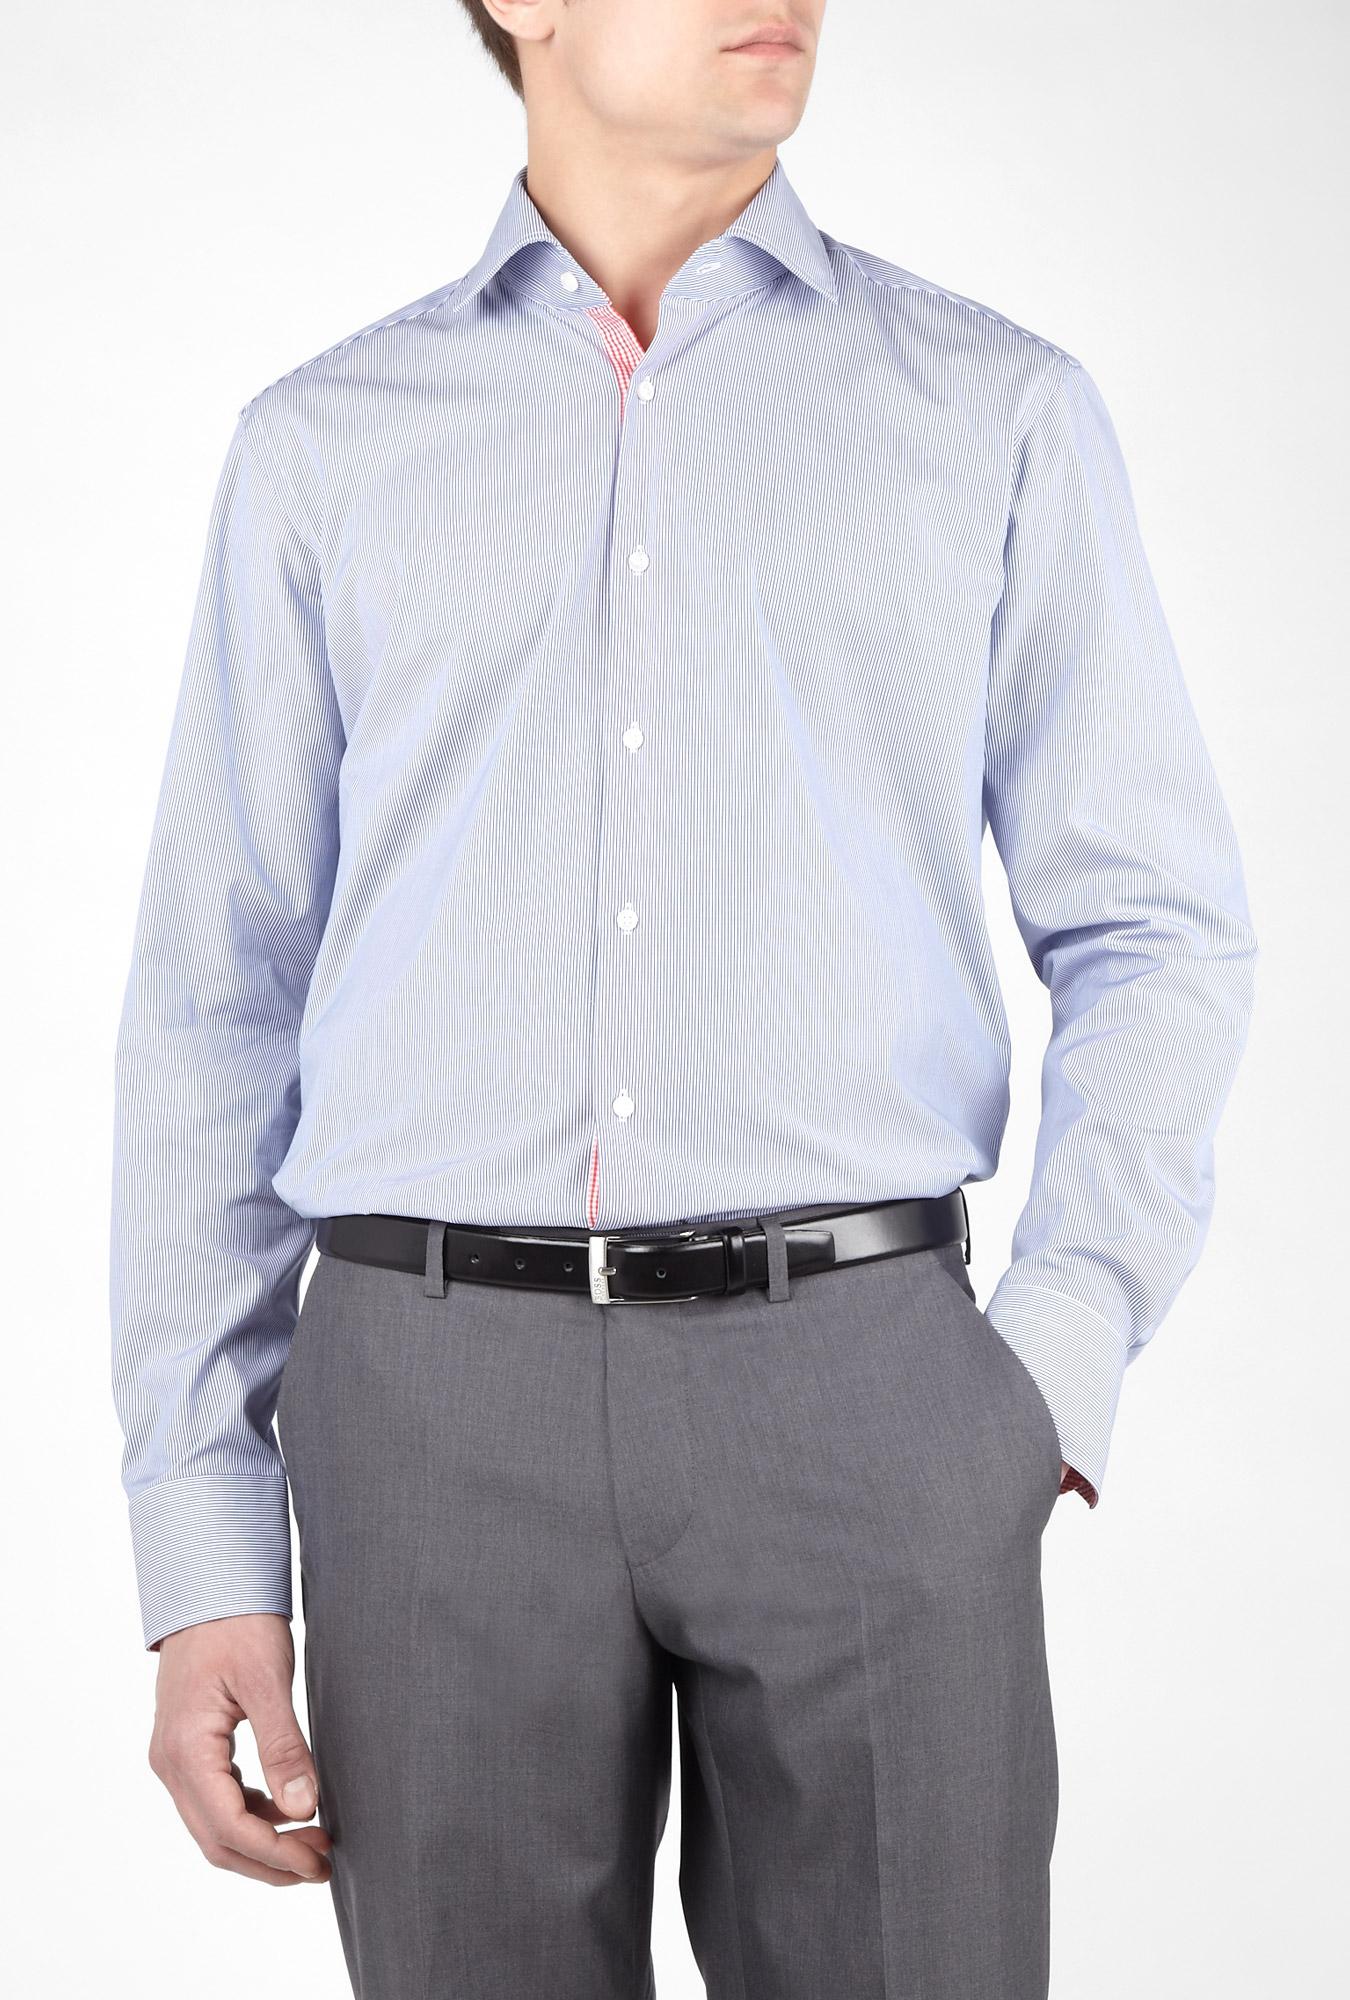 hugo boss black blue fine stripe red placket shirt in blue. Black Bedroom Furniture Sets. Home Design Ideas